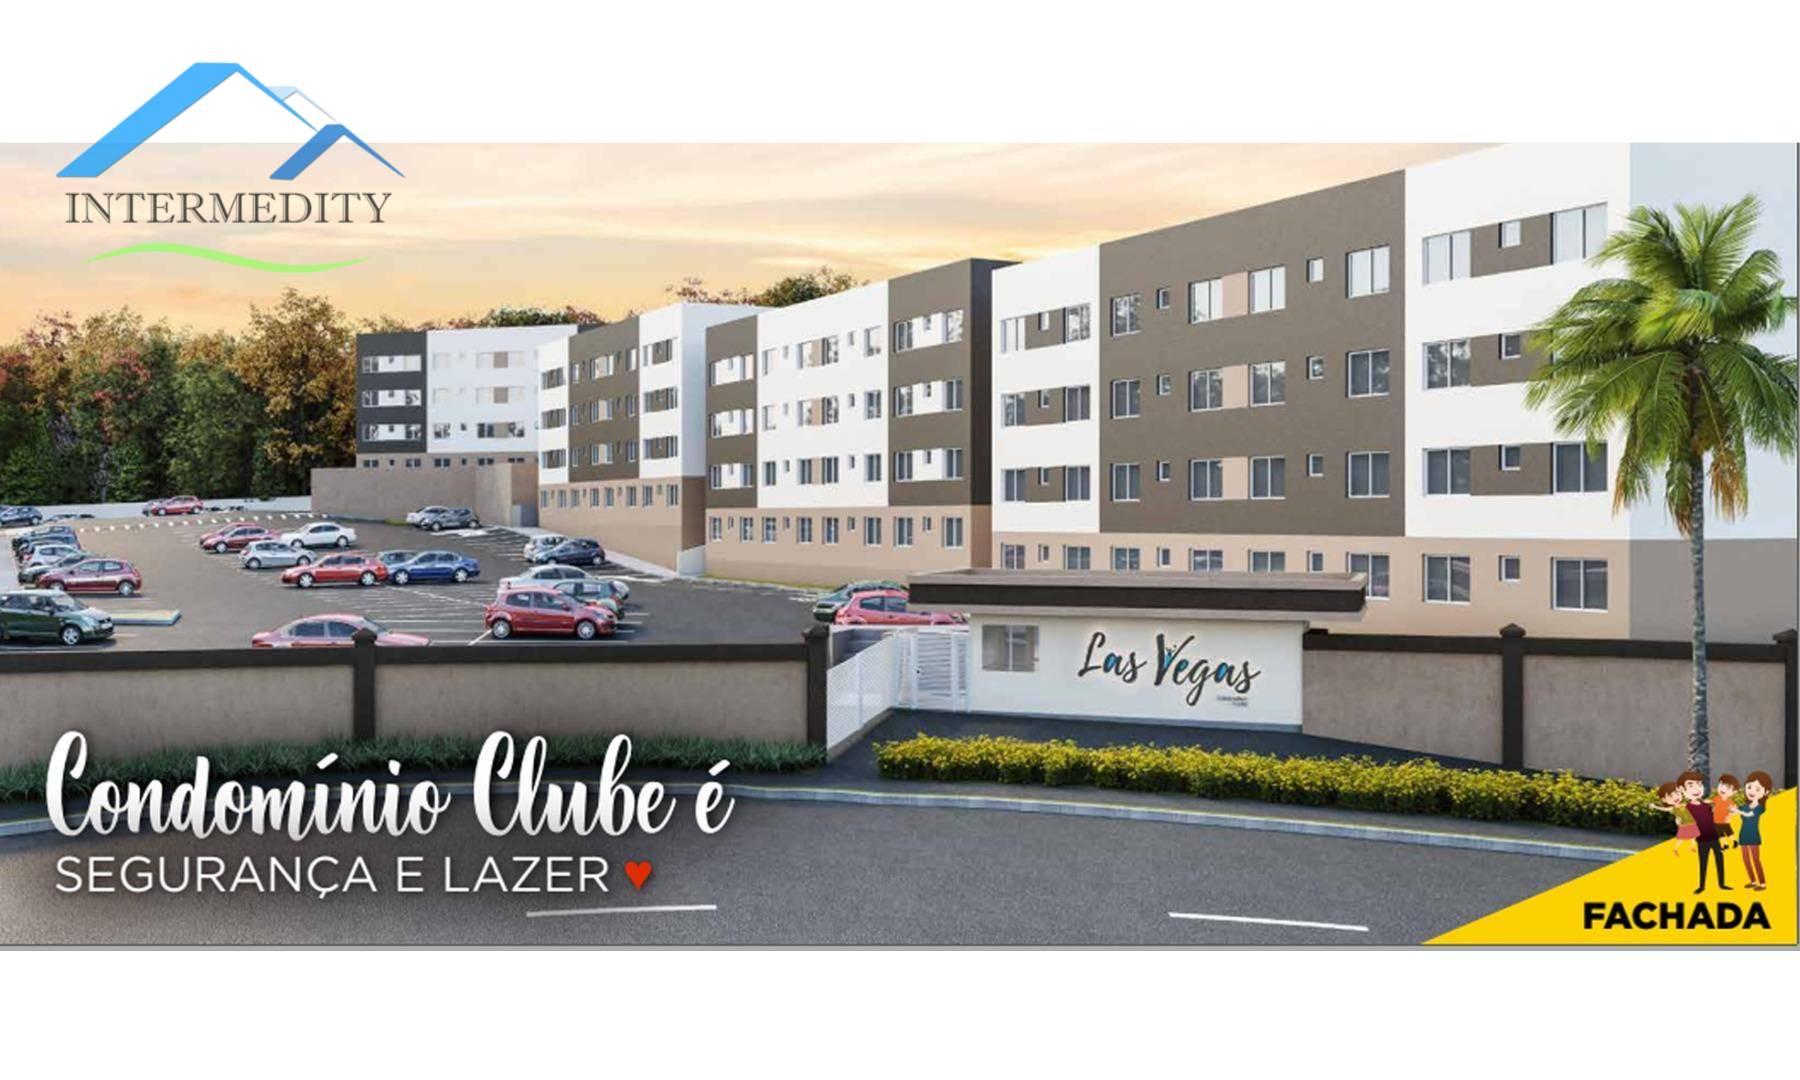 Apartamento com 2 dormitórios à venda, 40 m² por R$ 135.000,00 - Bonfim - Almirante Tamandaré/PR